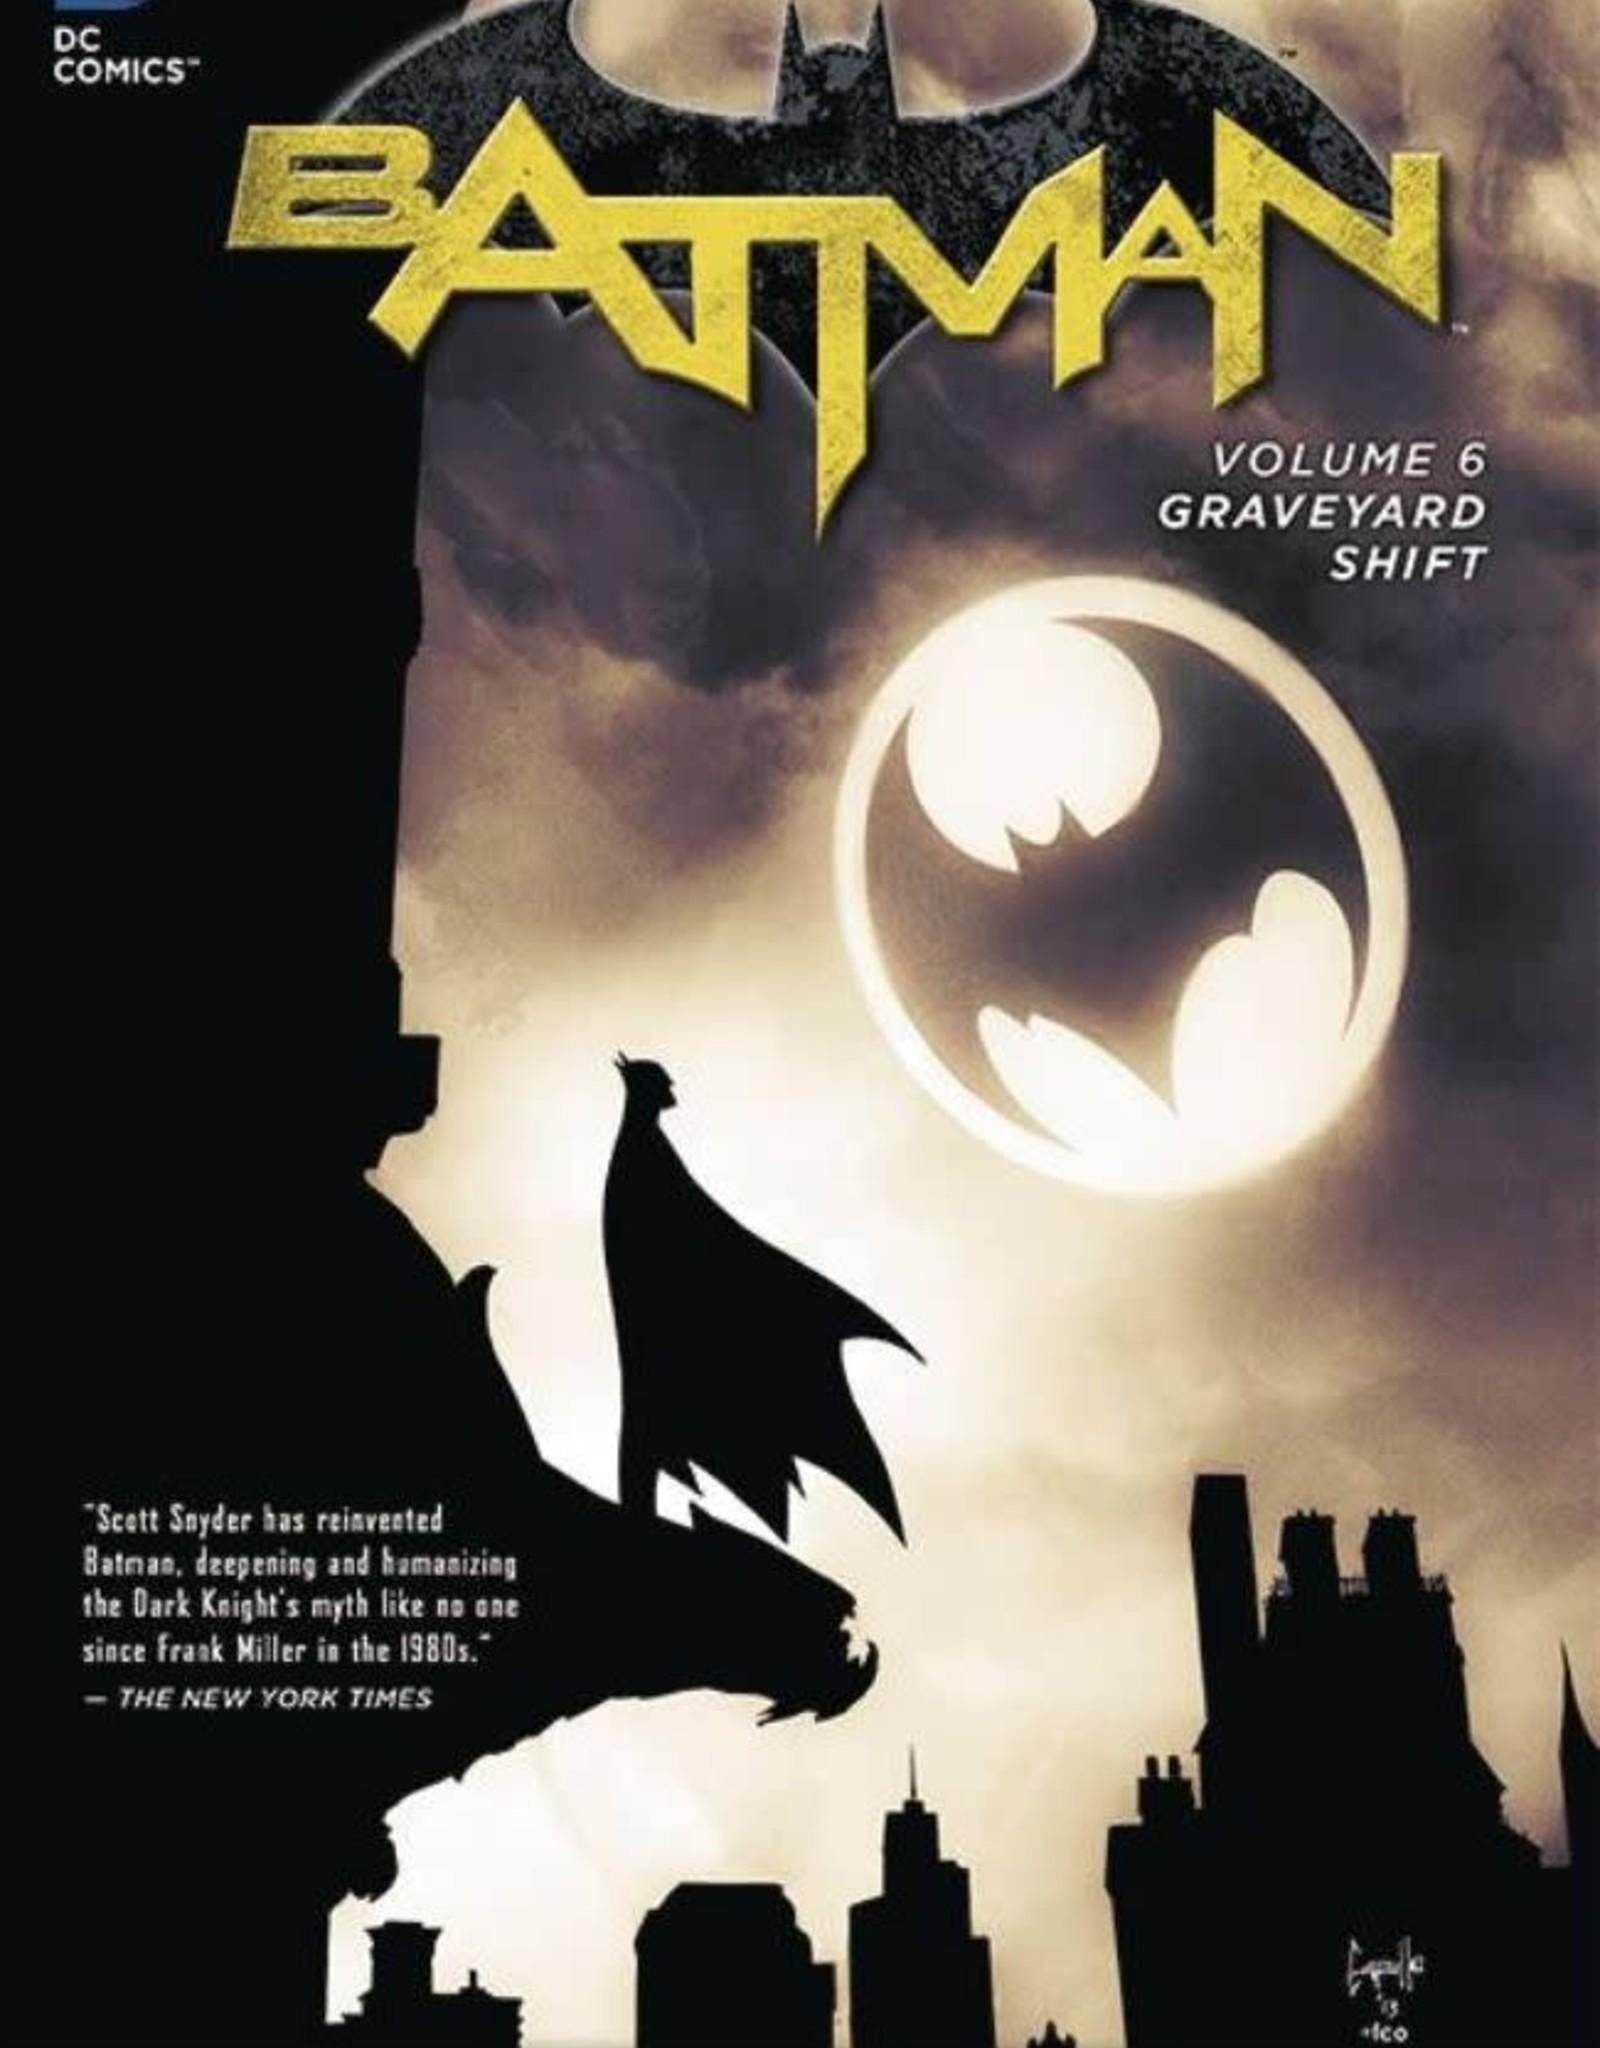 DC Comics Batman (N52) Vol 06 Graveyard Shift